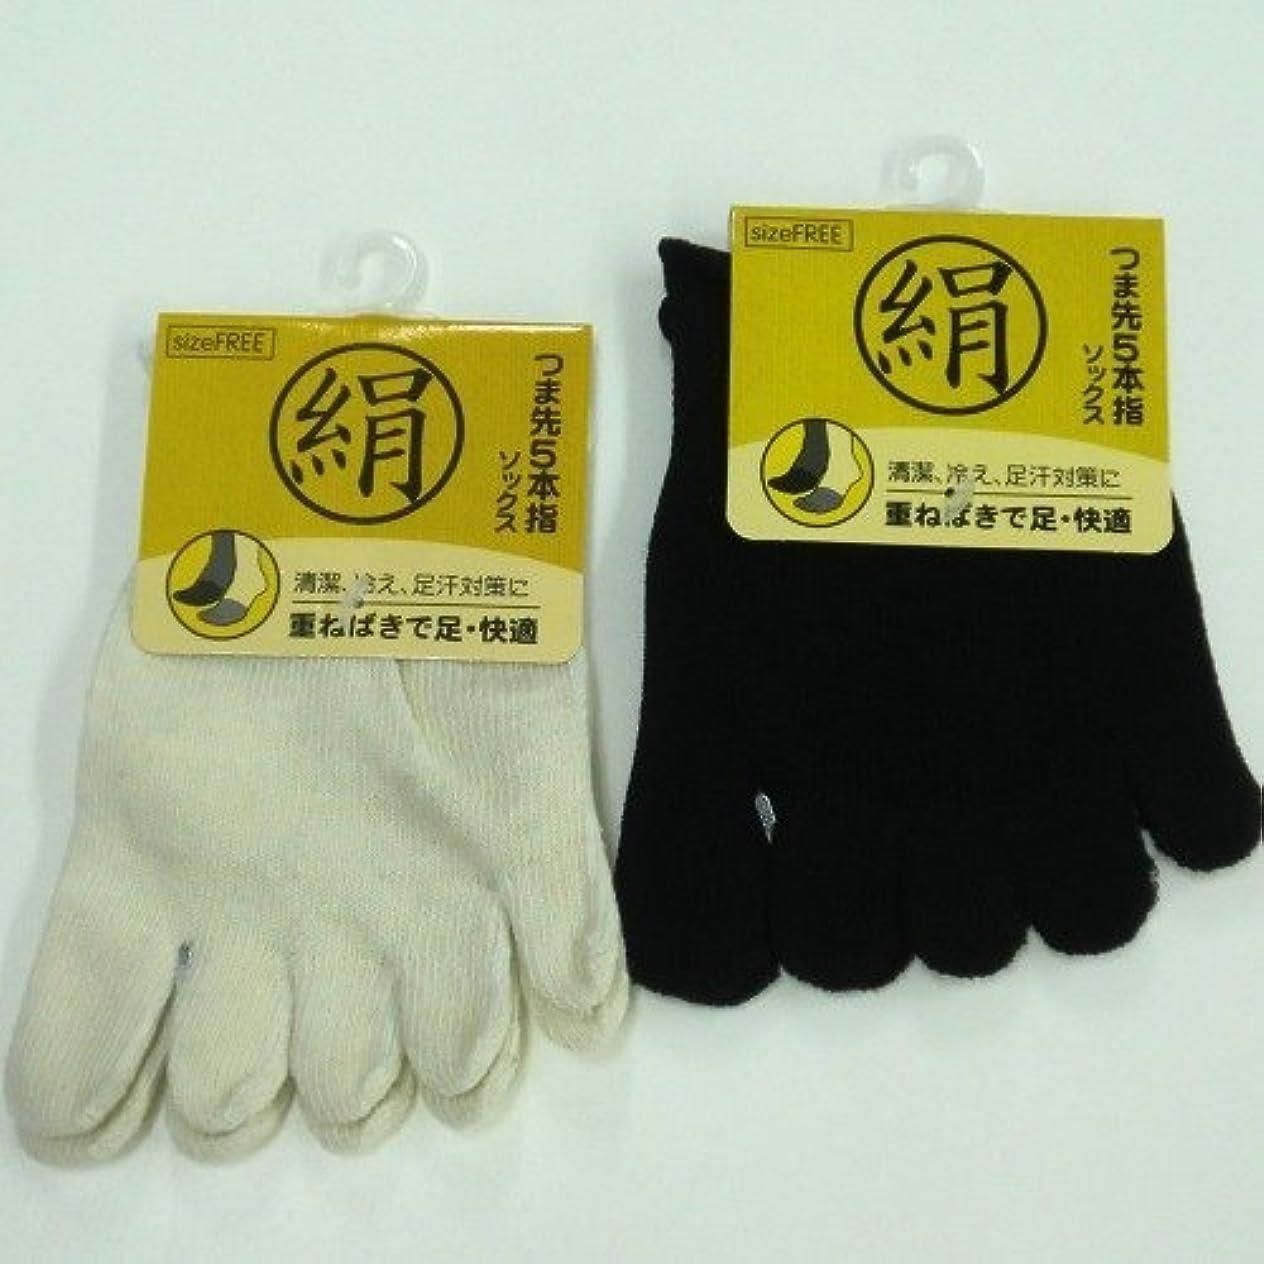 荷物リーズ驚くべきシルク 5本指ハーフソックス 足指カバー 天然素材絹で抗菌防臭 3足組 (色はお任せ)